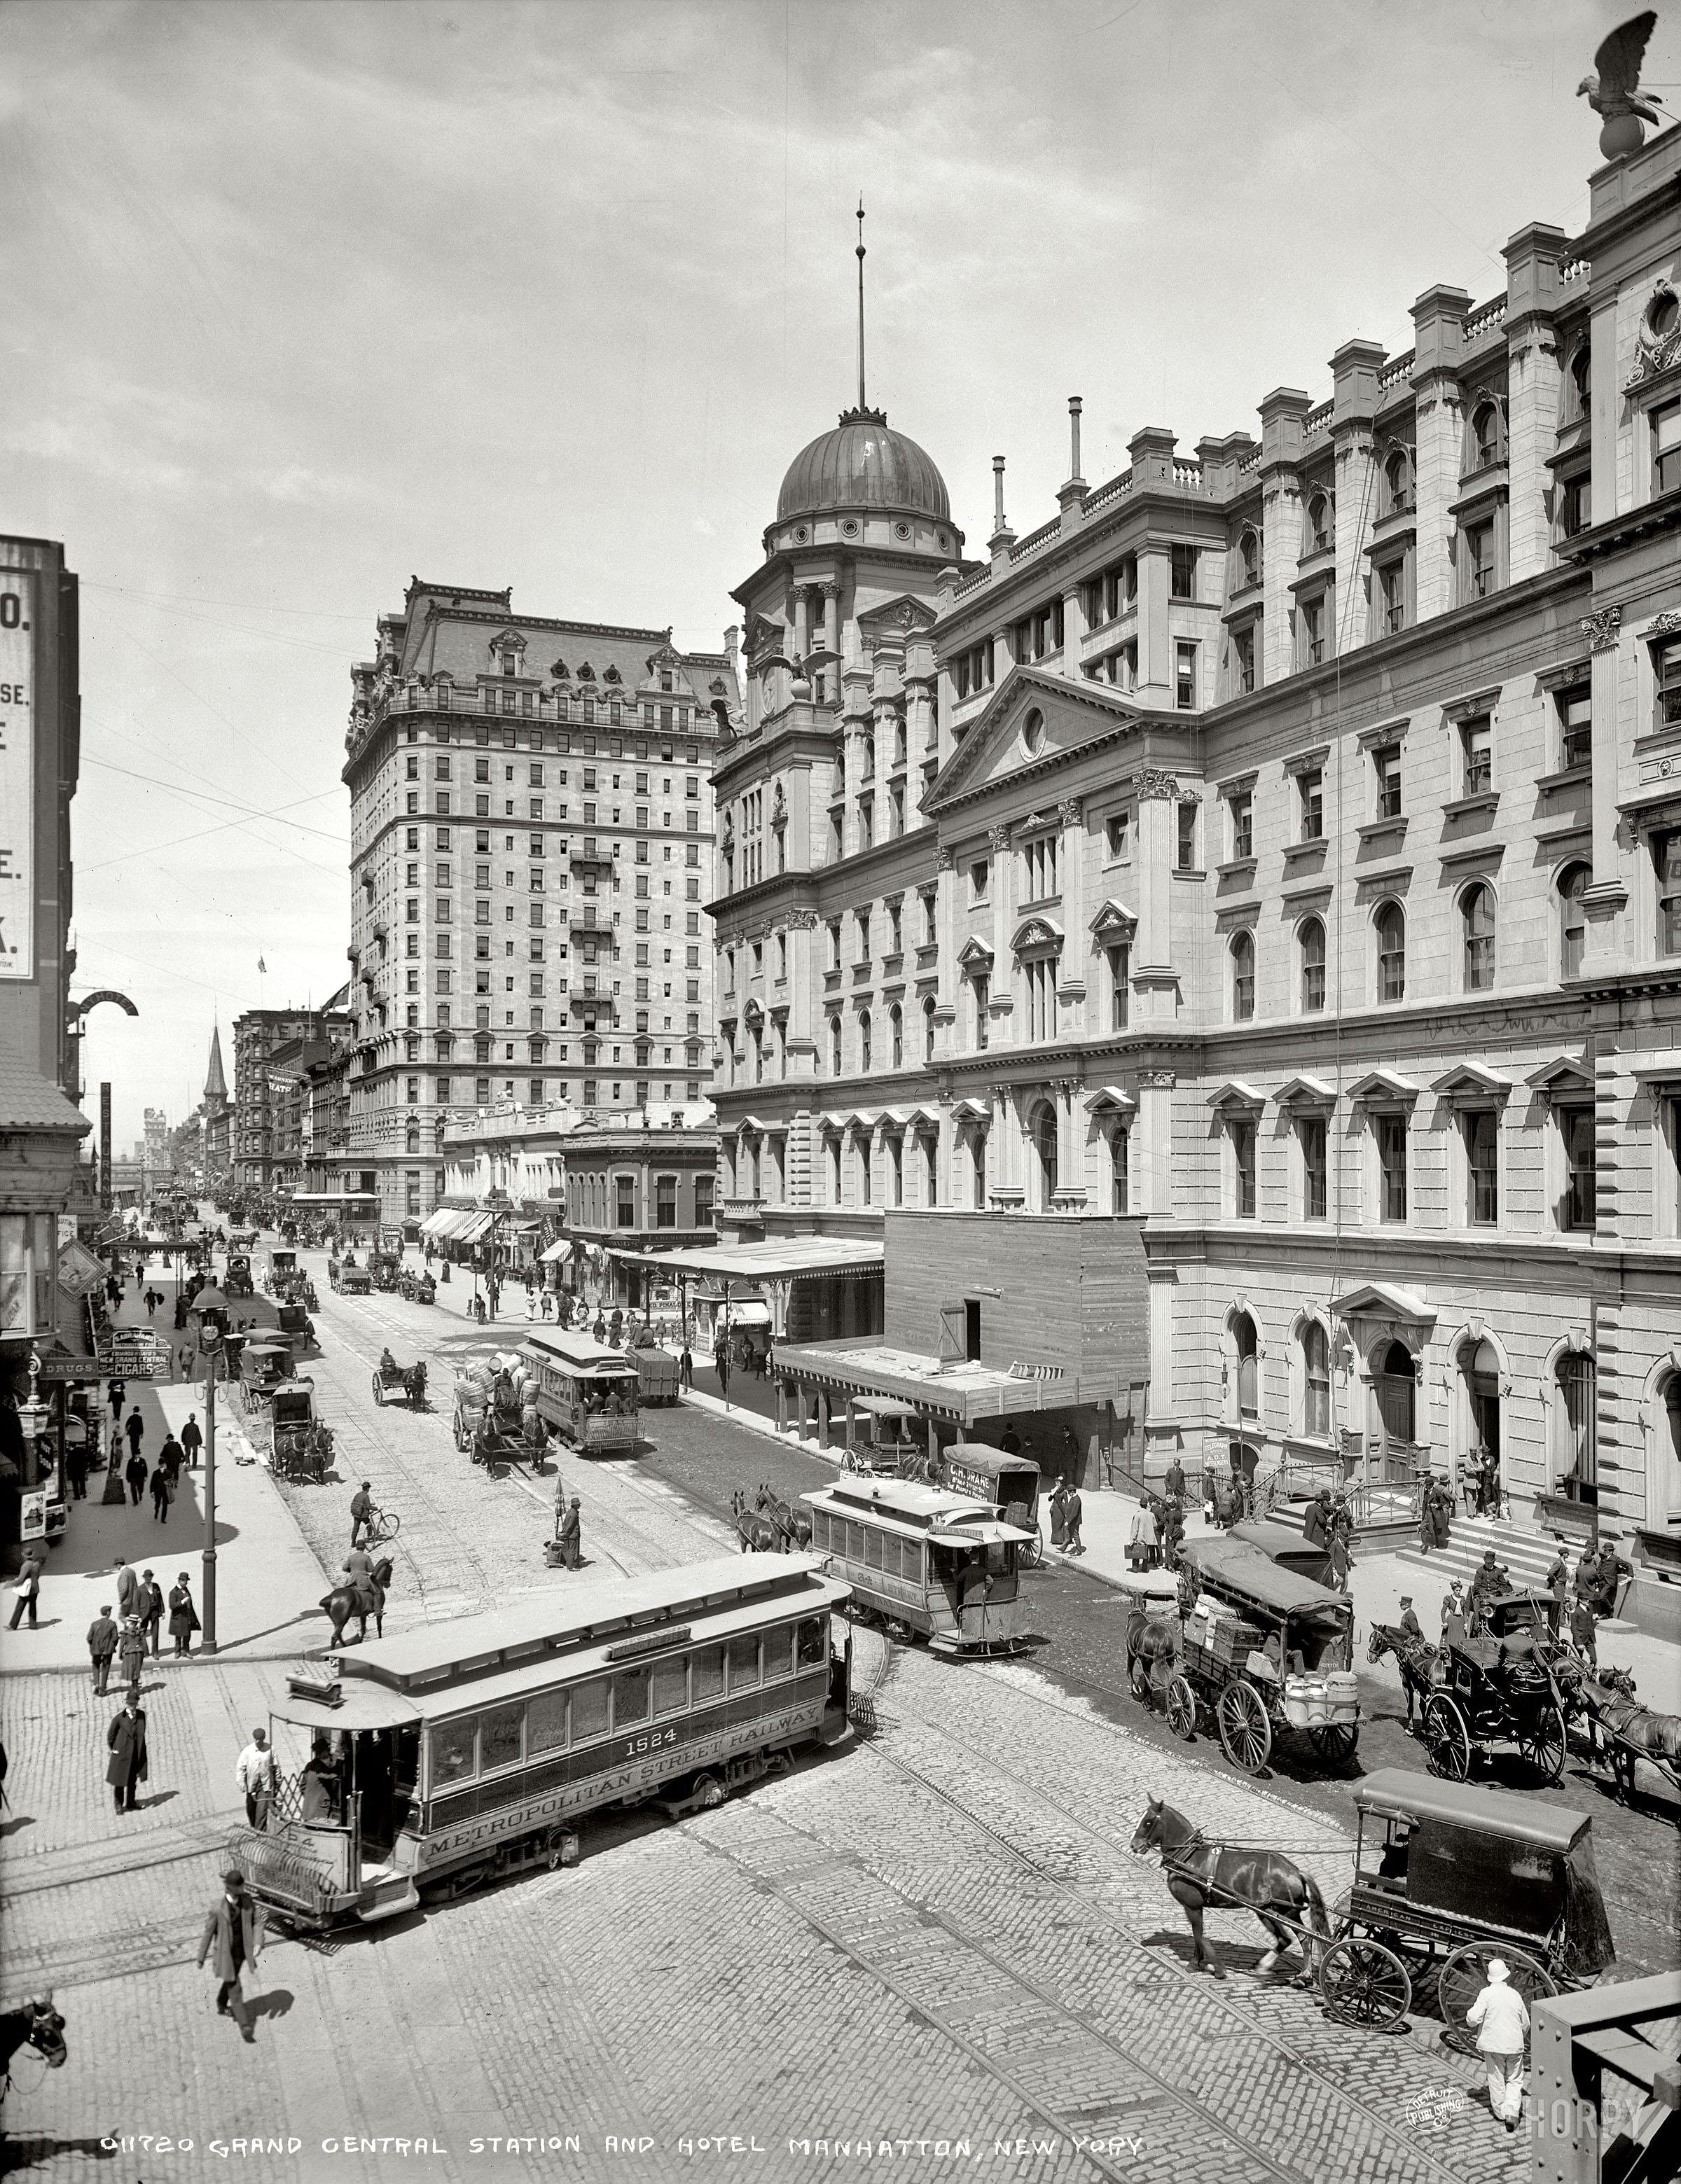 Подборка фотографий крупнейших американских городов, сделанных около